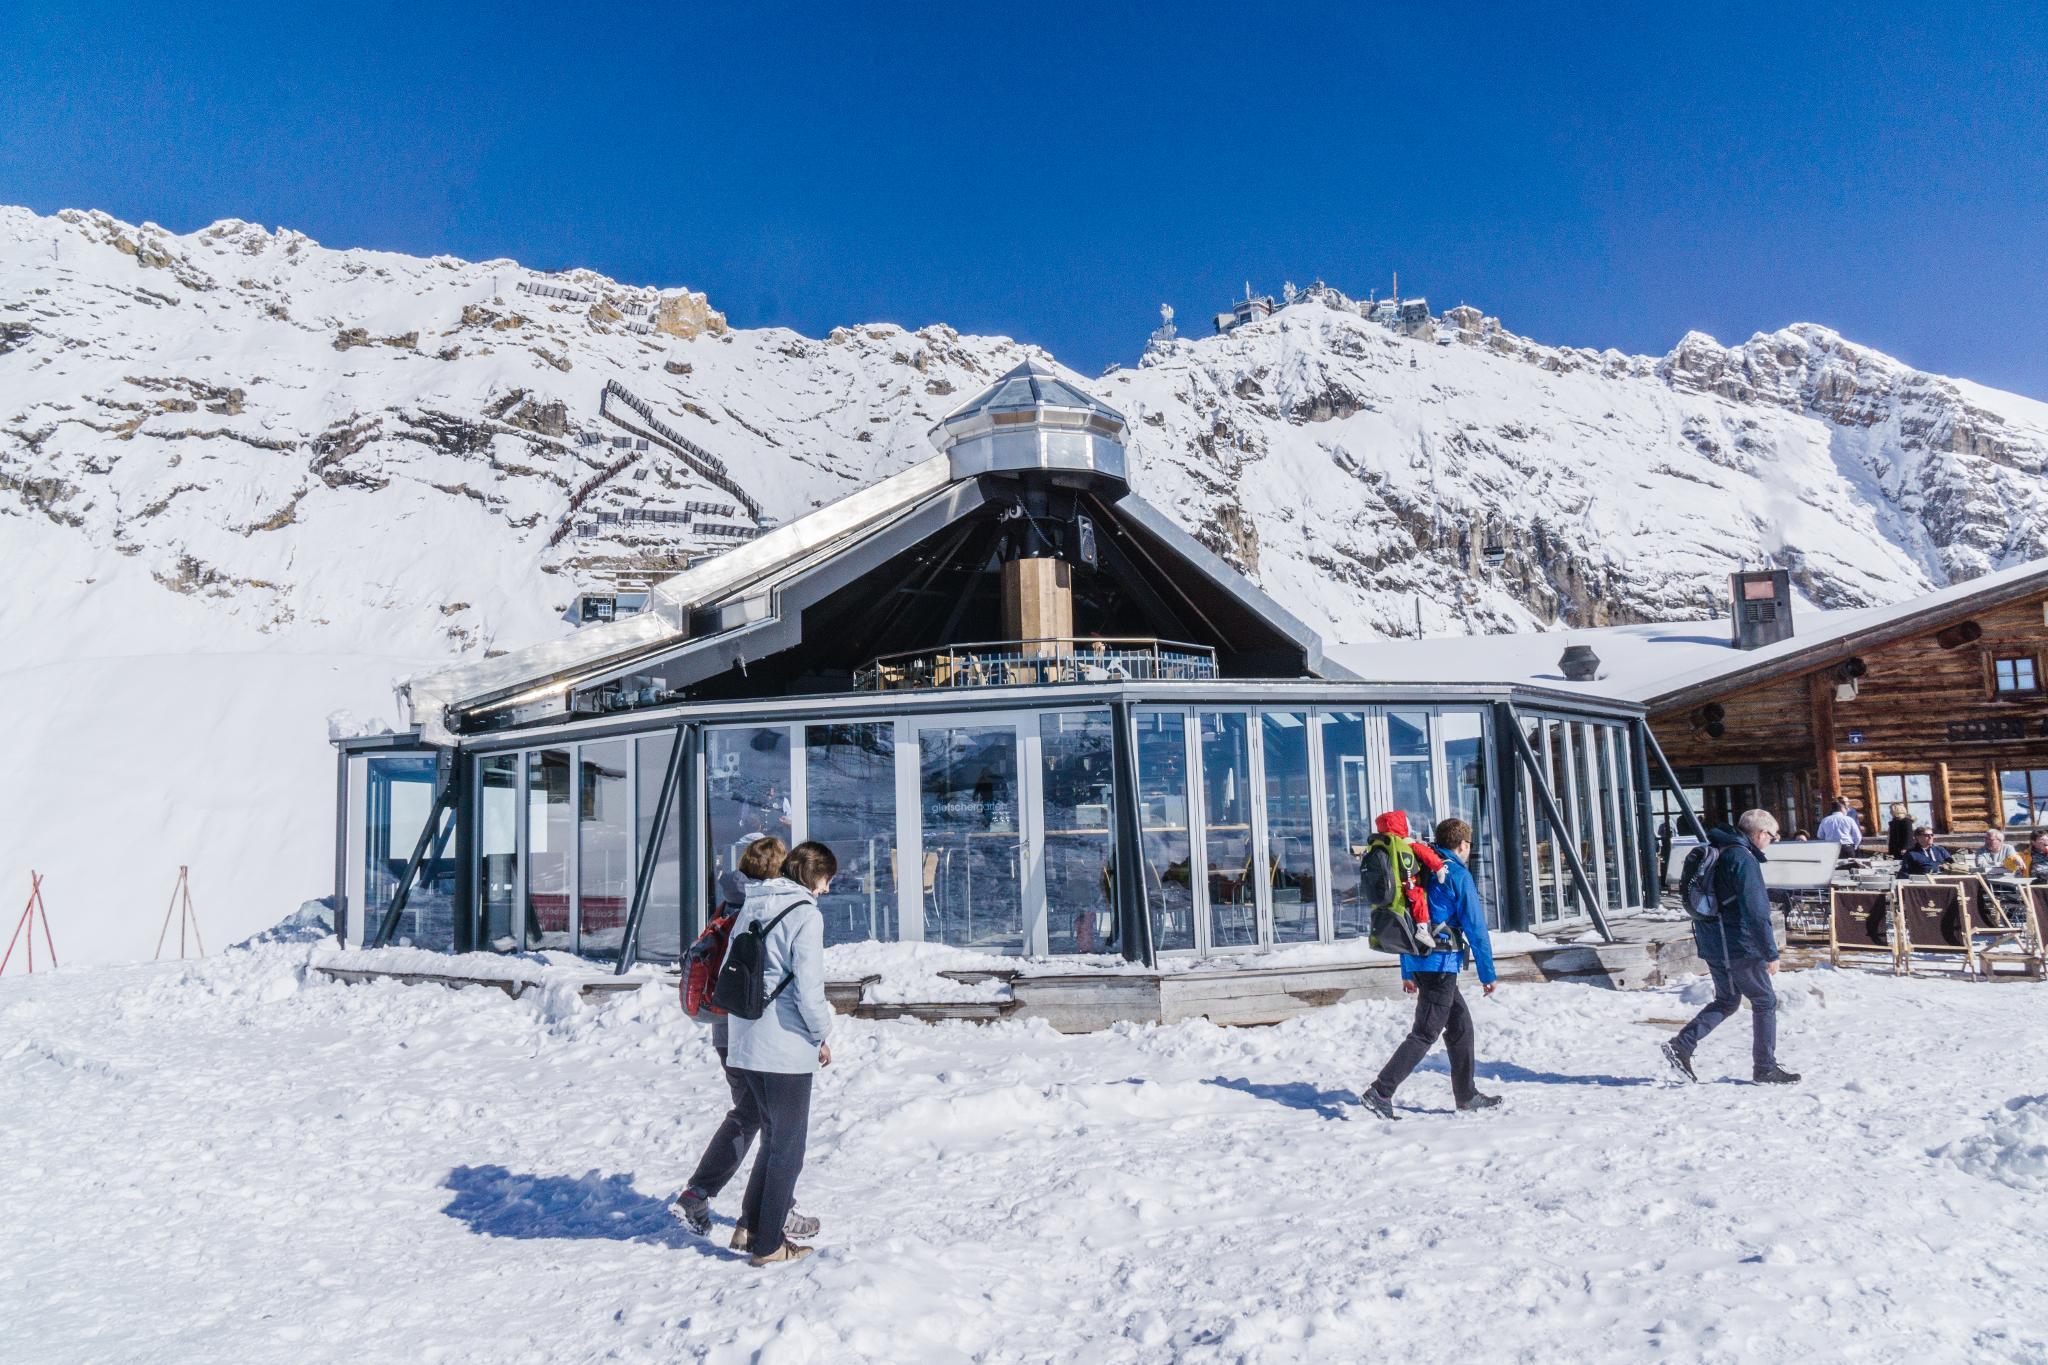 【德國】阿爾卑斯大道:楚格峰 (Zugspitze) 登上德國之巔 35